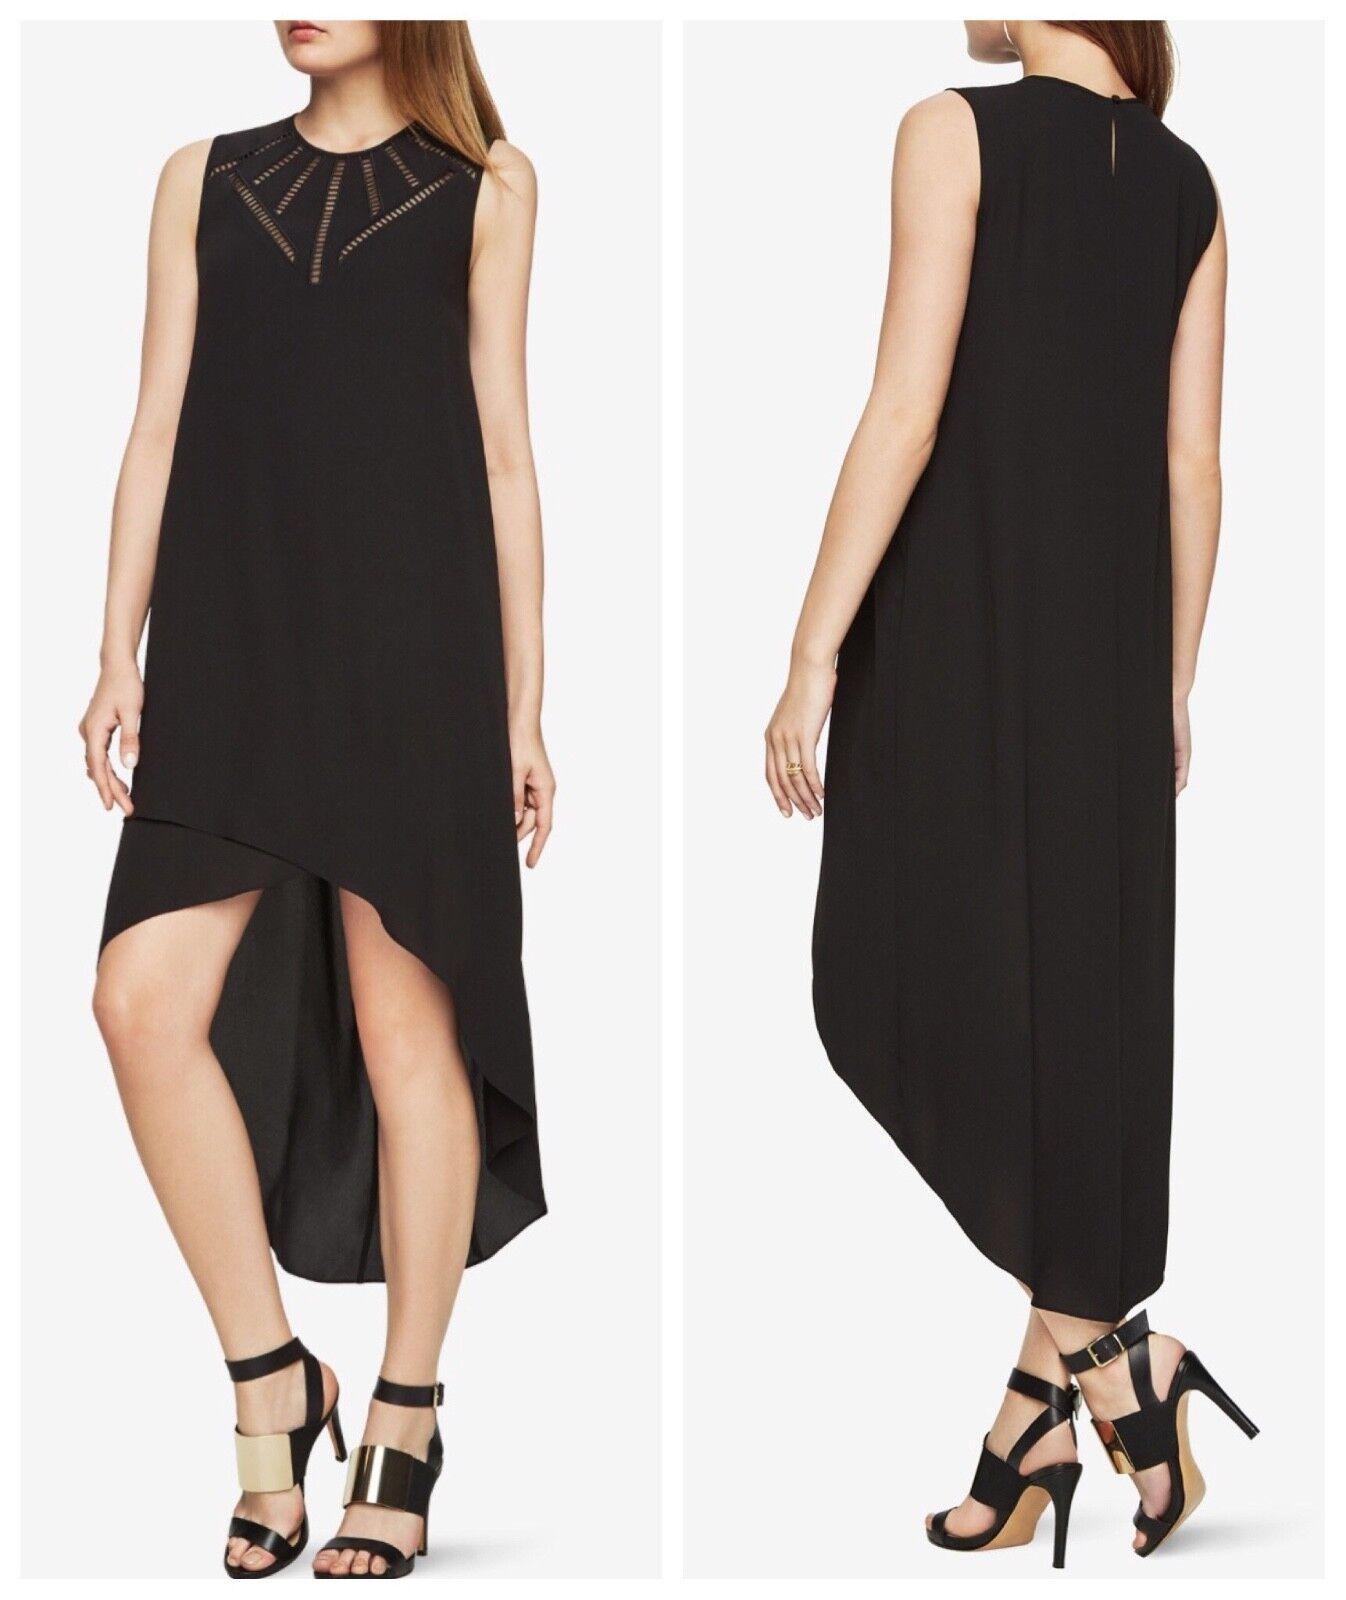 298new  Damen Bcbg Mackenna Bestickt Hoch-Tief Kleid GRÖSSE S Asymmetrischer